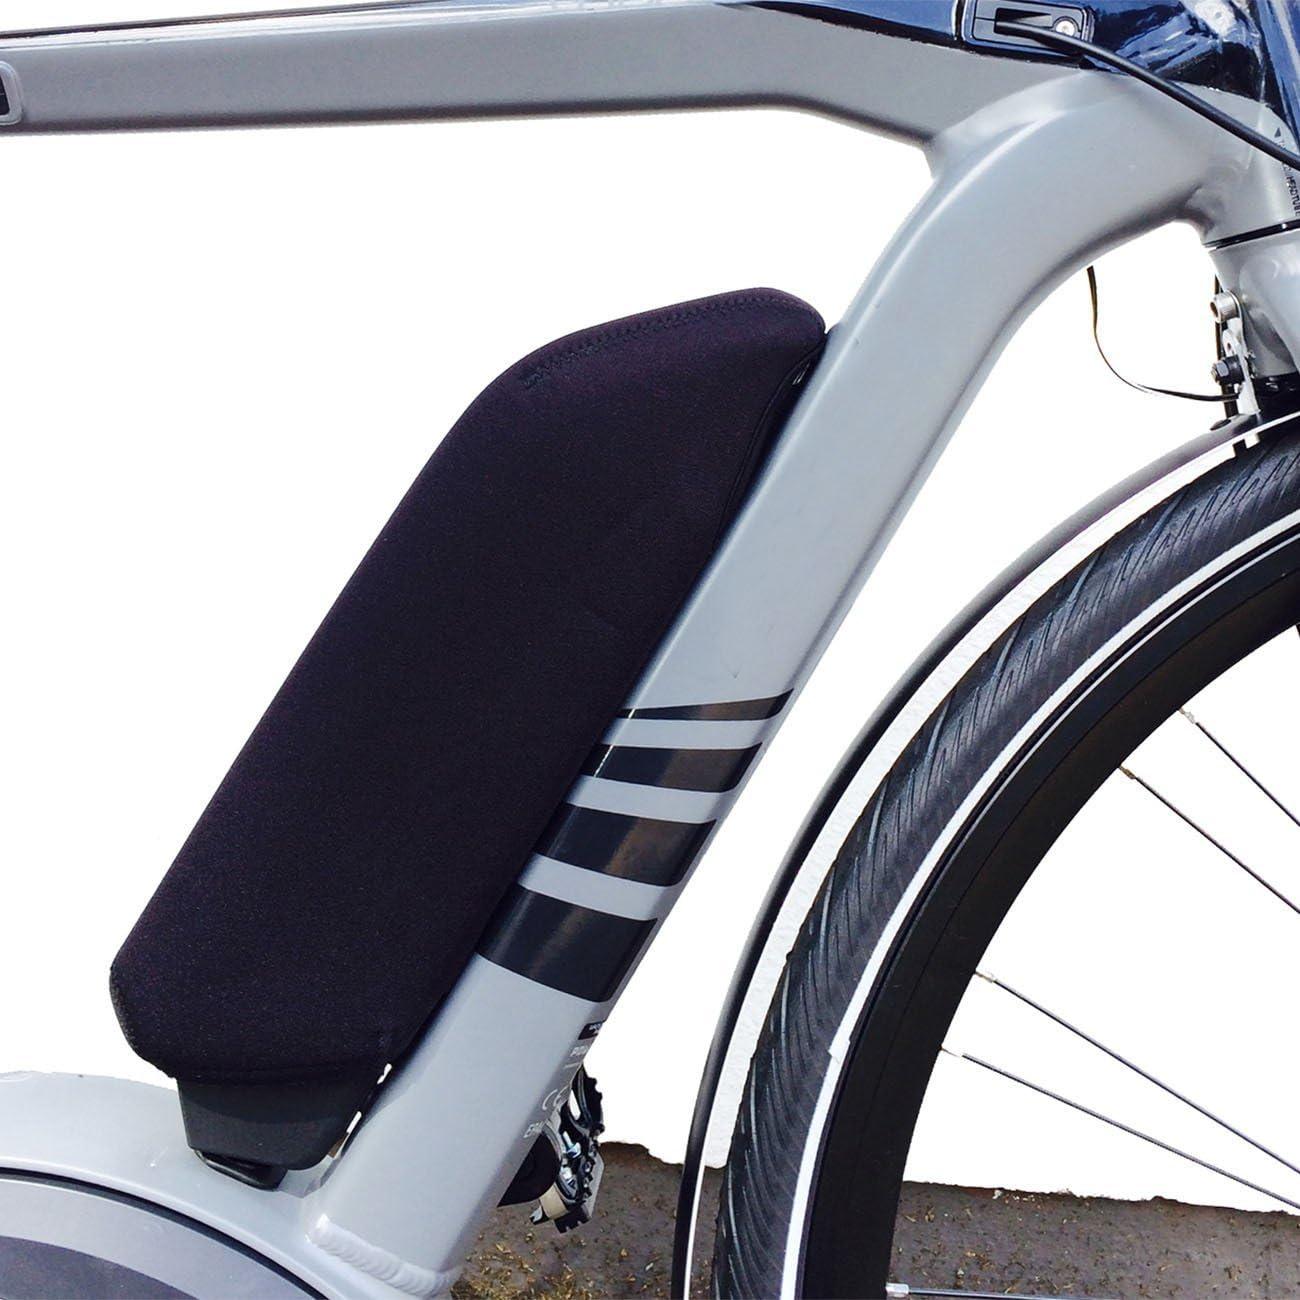 Neopren Akku Schutzhülle für Bosch Rahmenakkus Active//Performance von Fahrer